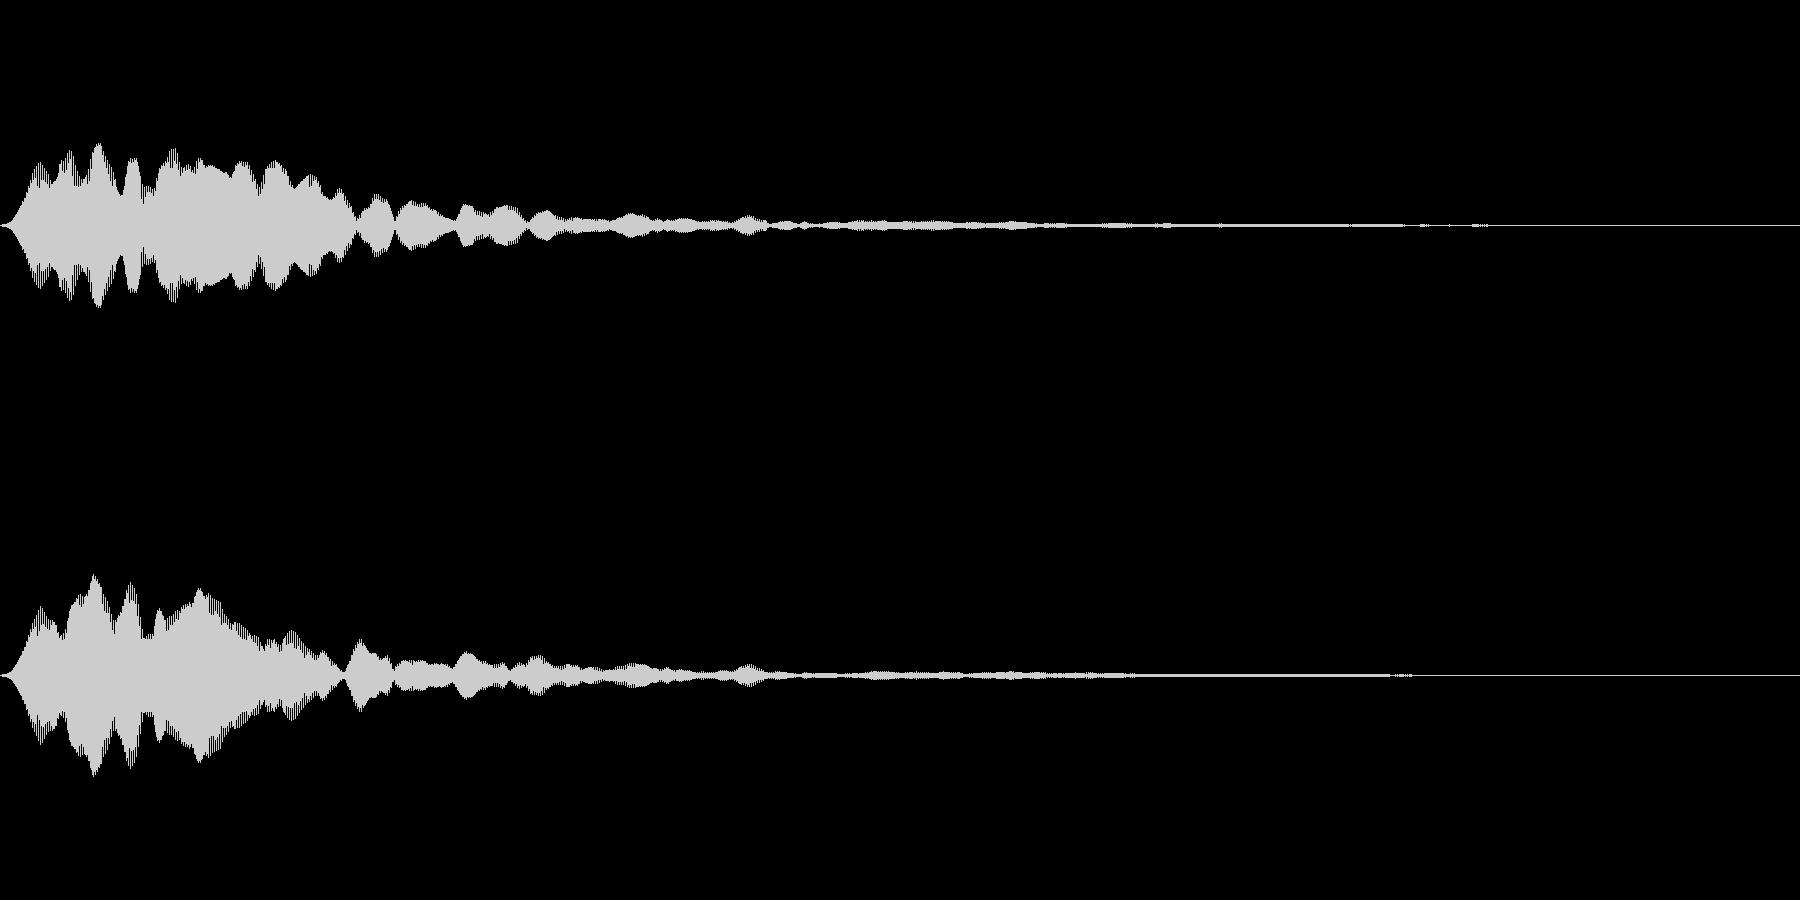 フィーン(タイトルメニュー_オンマウス)の未再生の波形